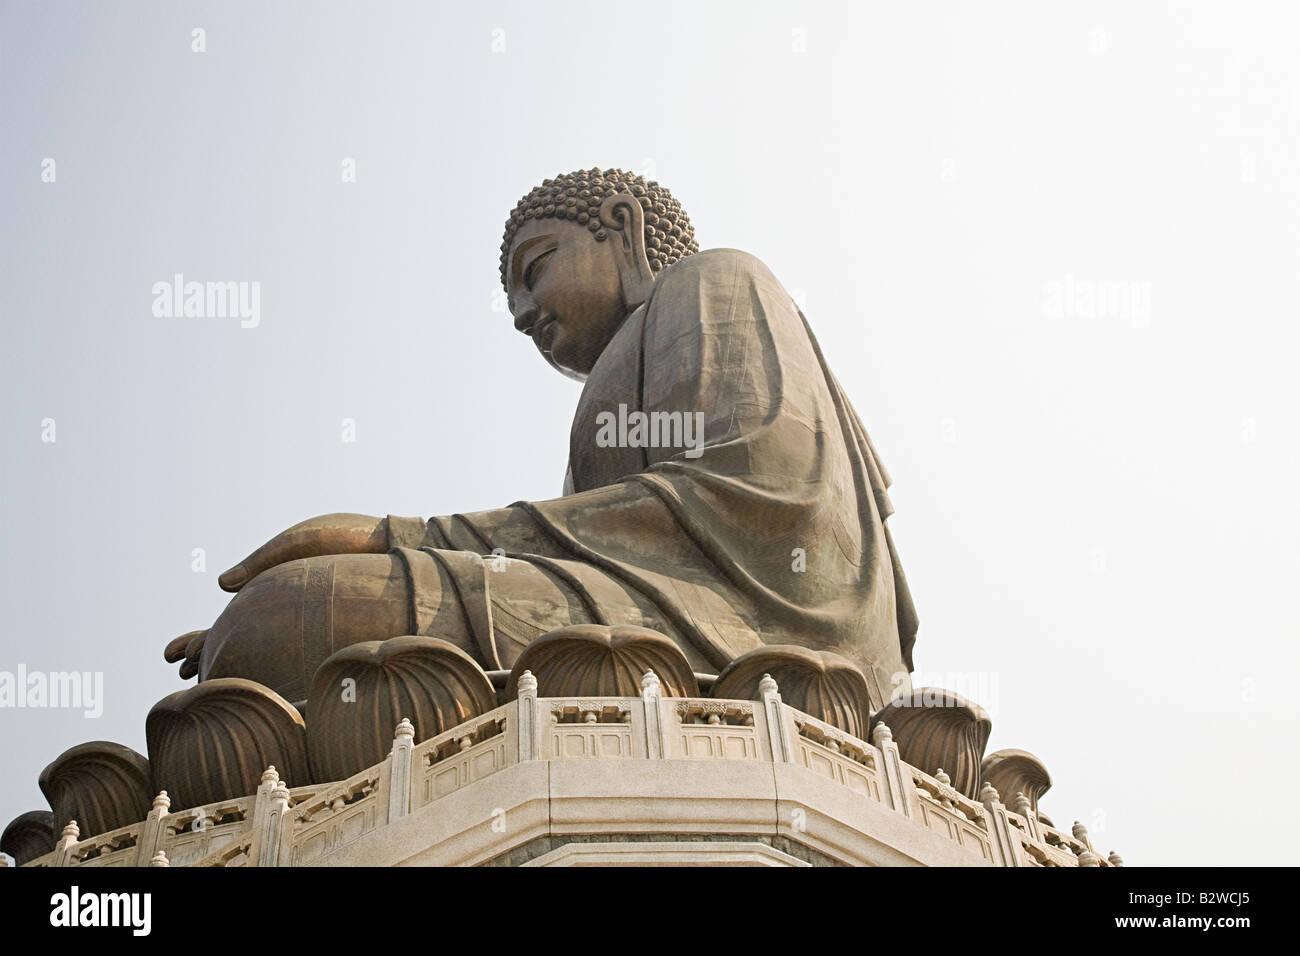 Tian tan buddha - Stock Image